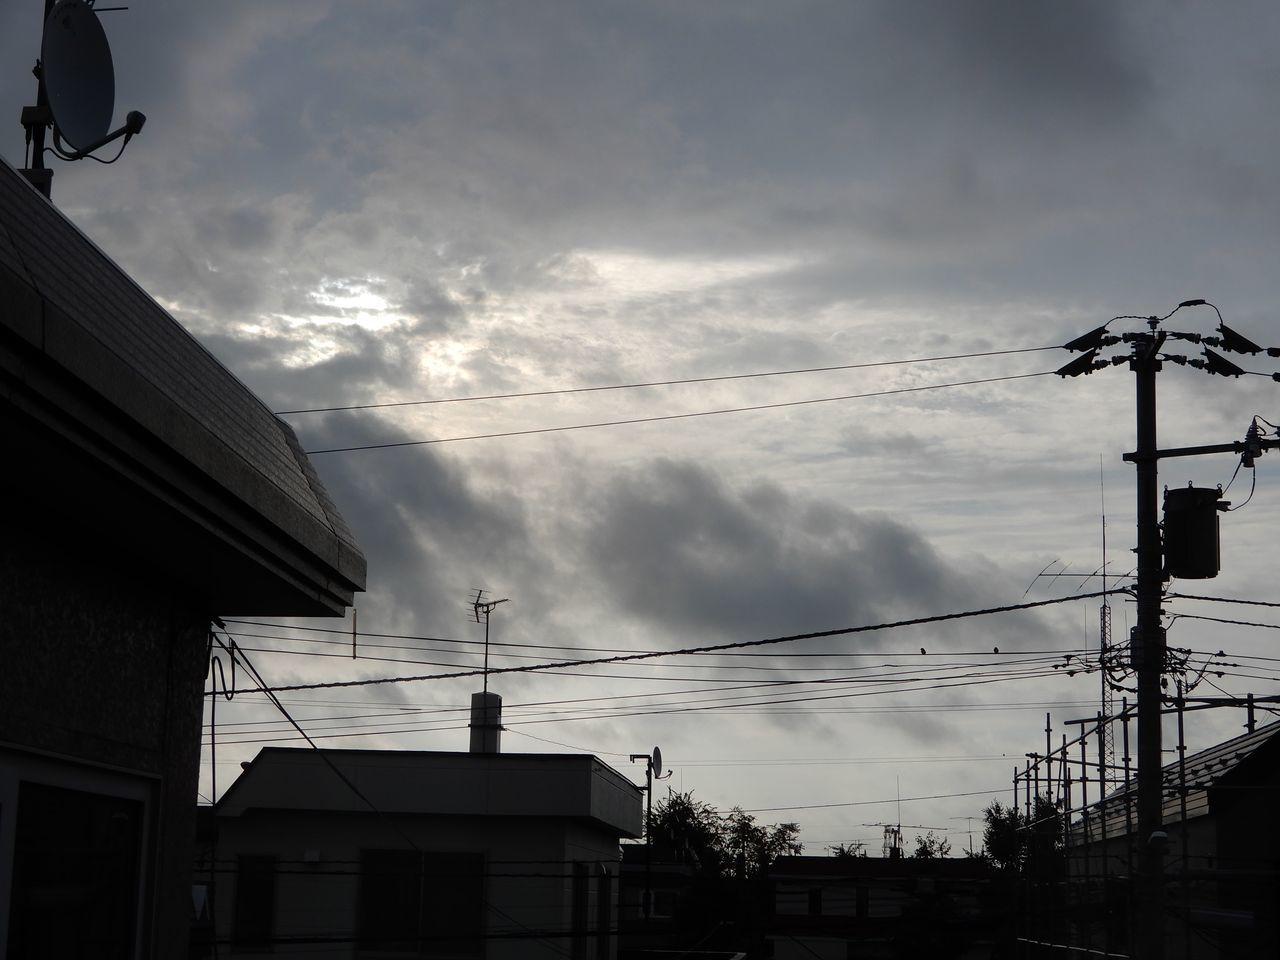 久しぶりに雨らしい雨が降りました_c0025115_21451748.jpg